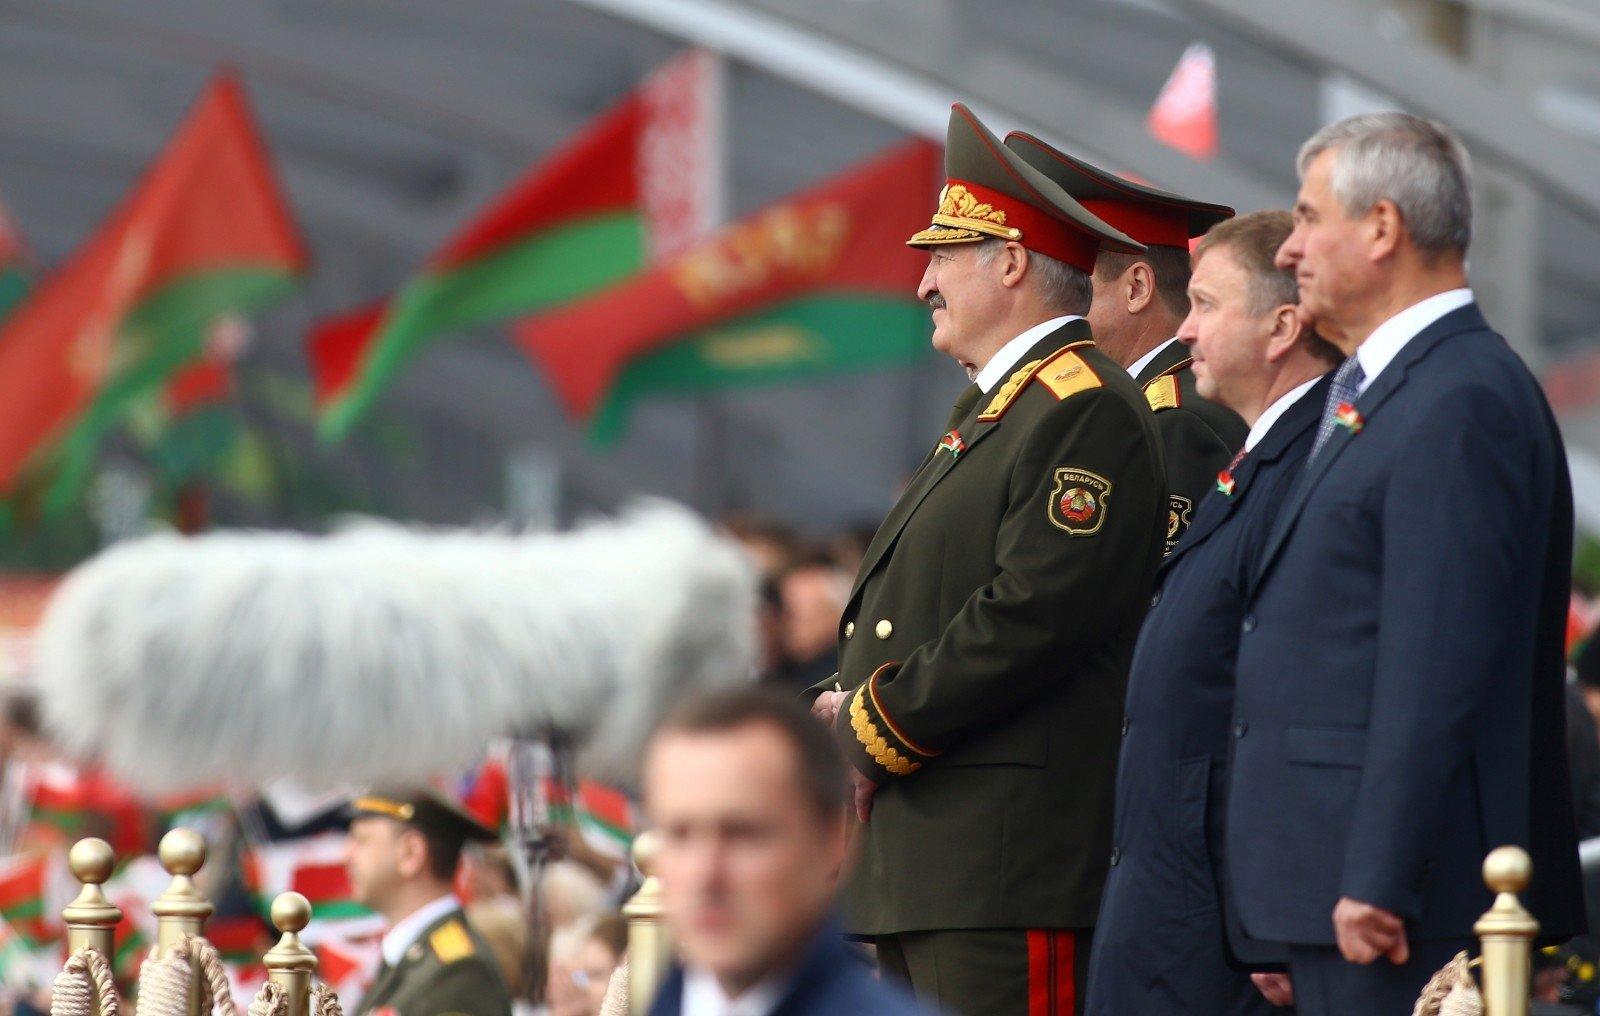 Республика Беларусь упрекнула Литву заинцидент наИгналинской АЭС— Взрывоопасная тема